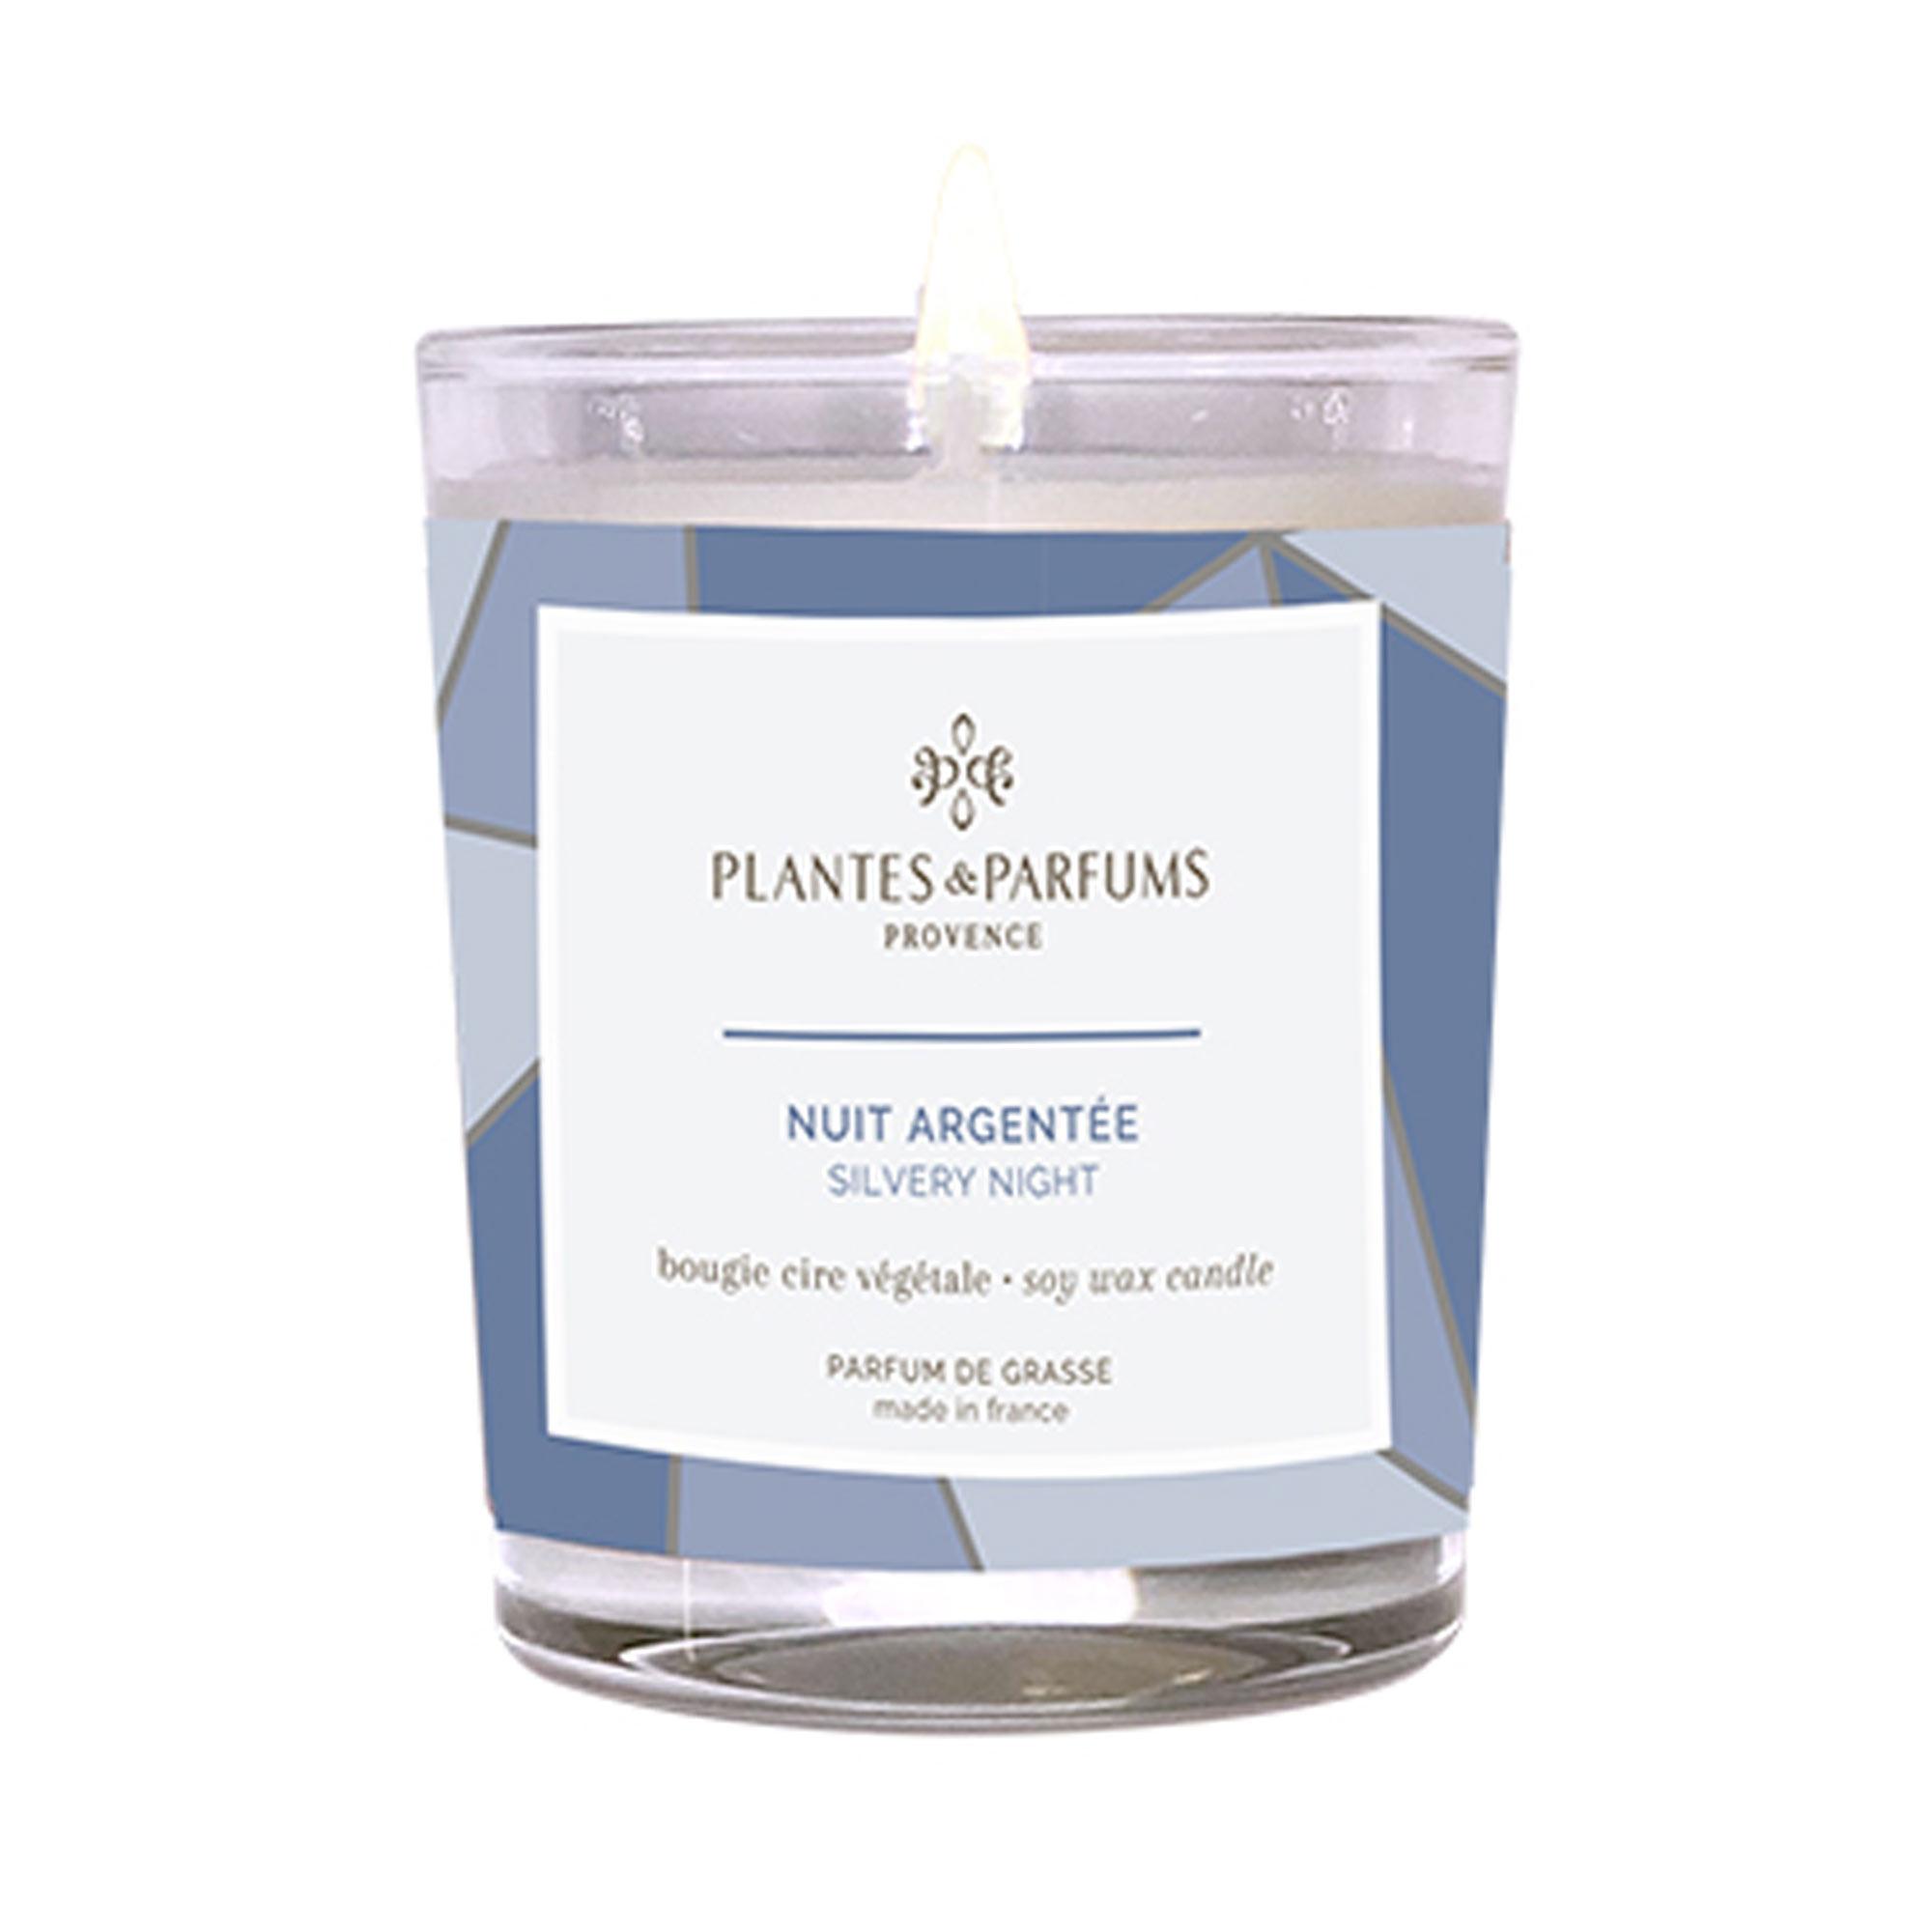 Ароматическая свеча Plantes et Parfums Сверкающие звезды 75 г ароматическая свеча plantes et parfums сверкающие звезды 75 г